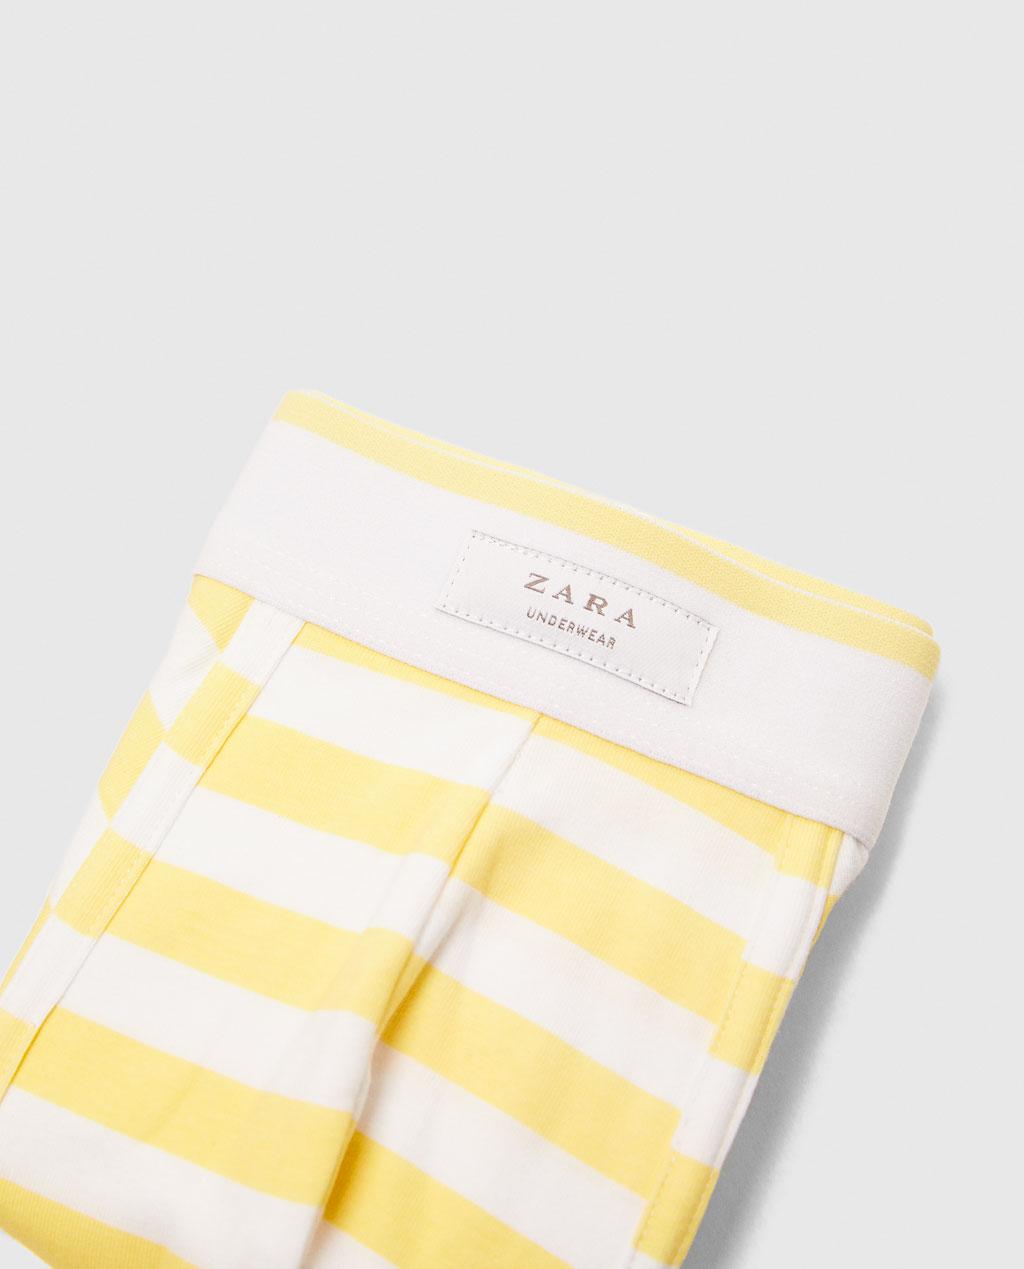 Thời trang nam Zara  24094 - ảnh 4